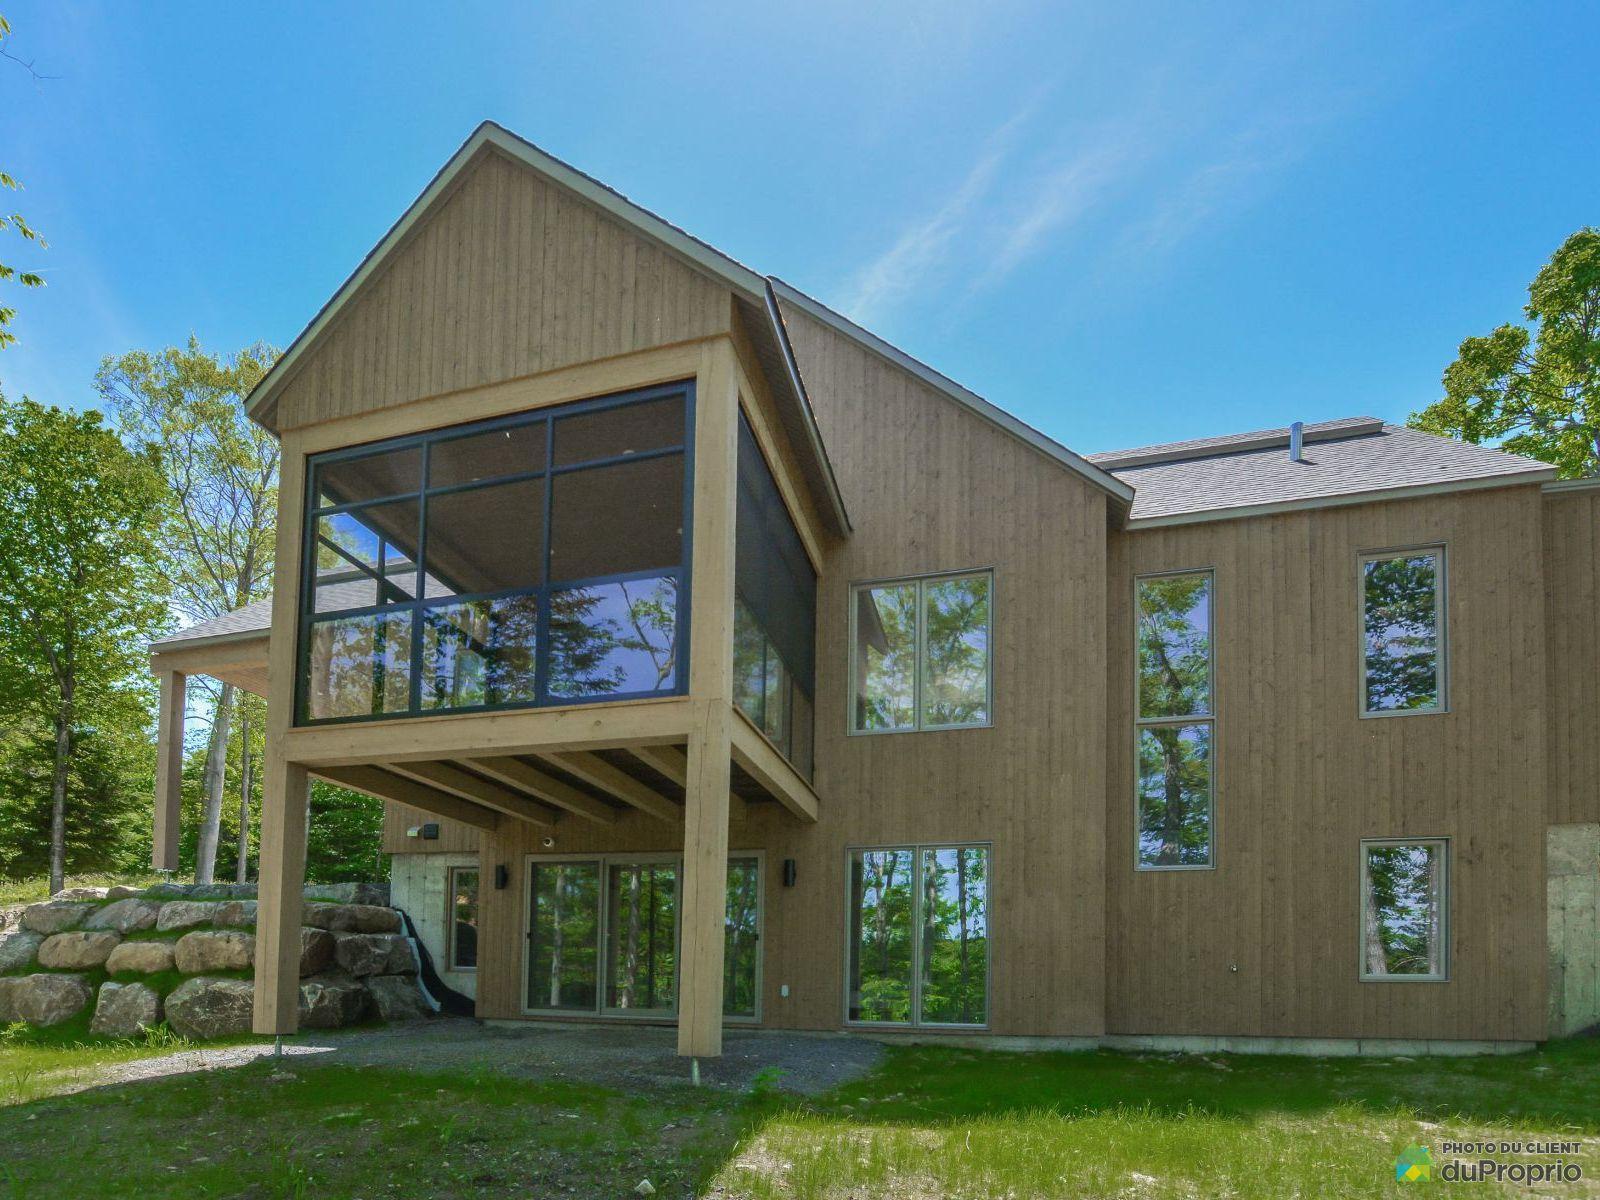 Rear View - 15 rue du Refuge - Projet La réserve - Par Les Constructions Raymond & Fils, Morin-Heights for sale